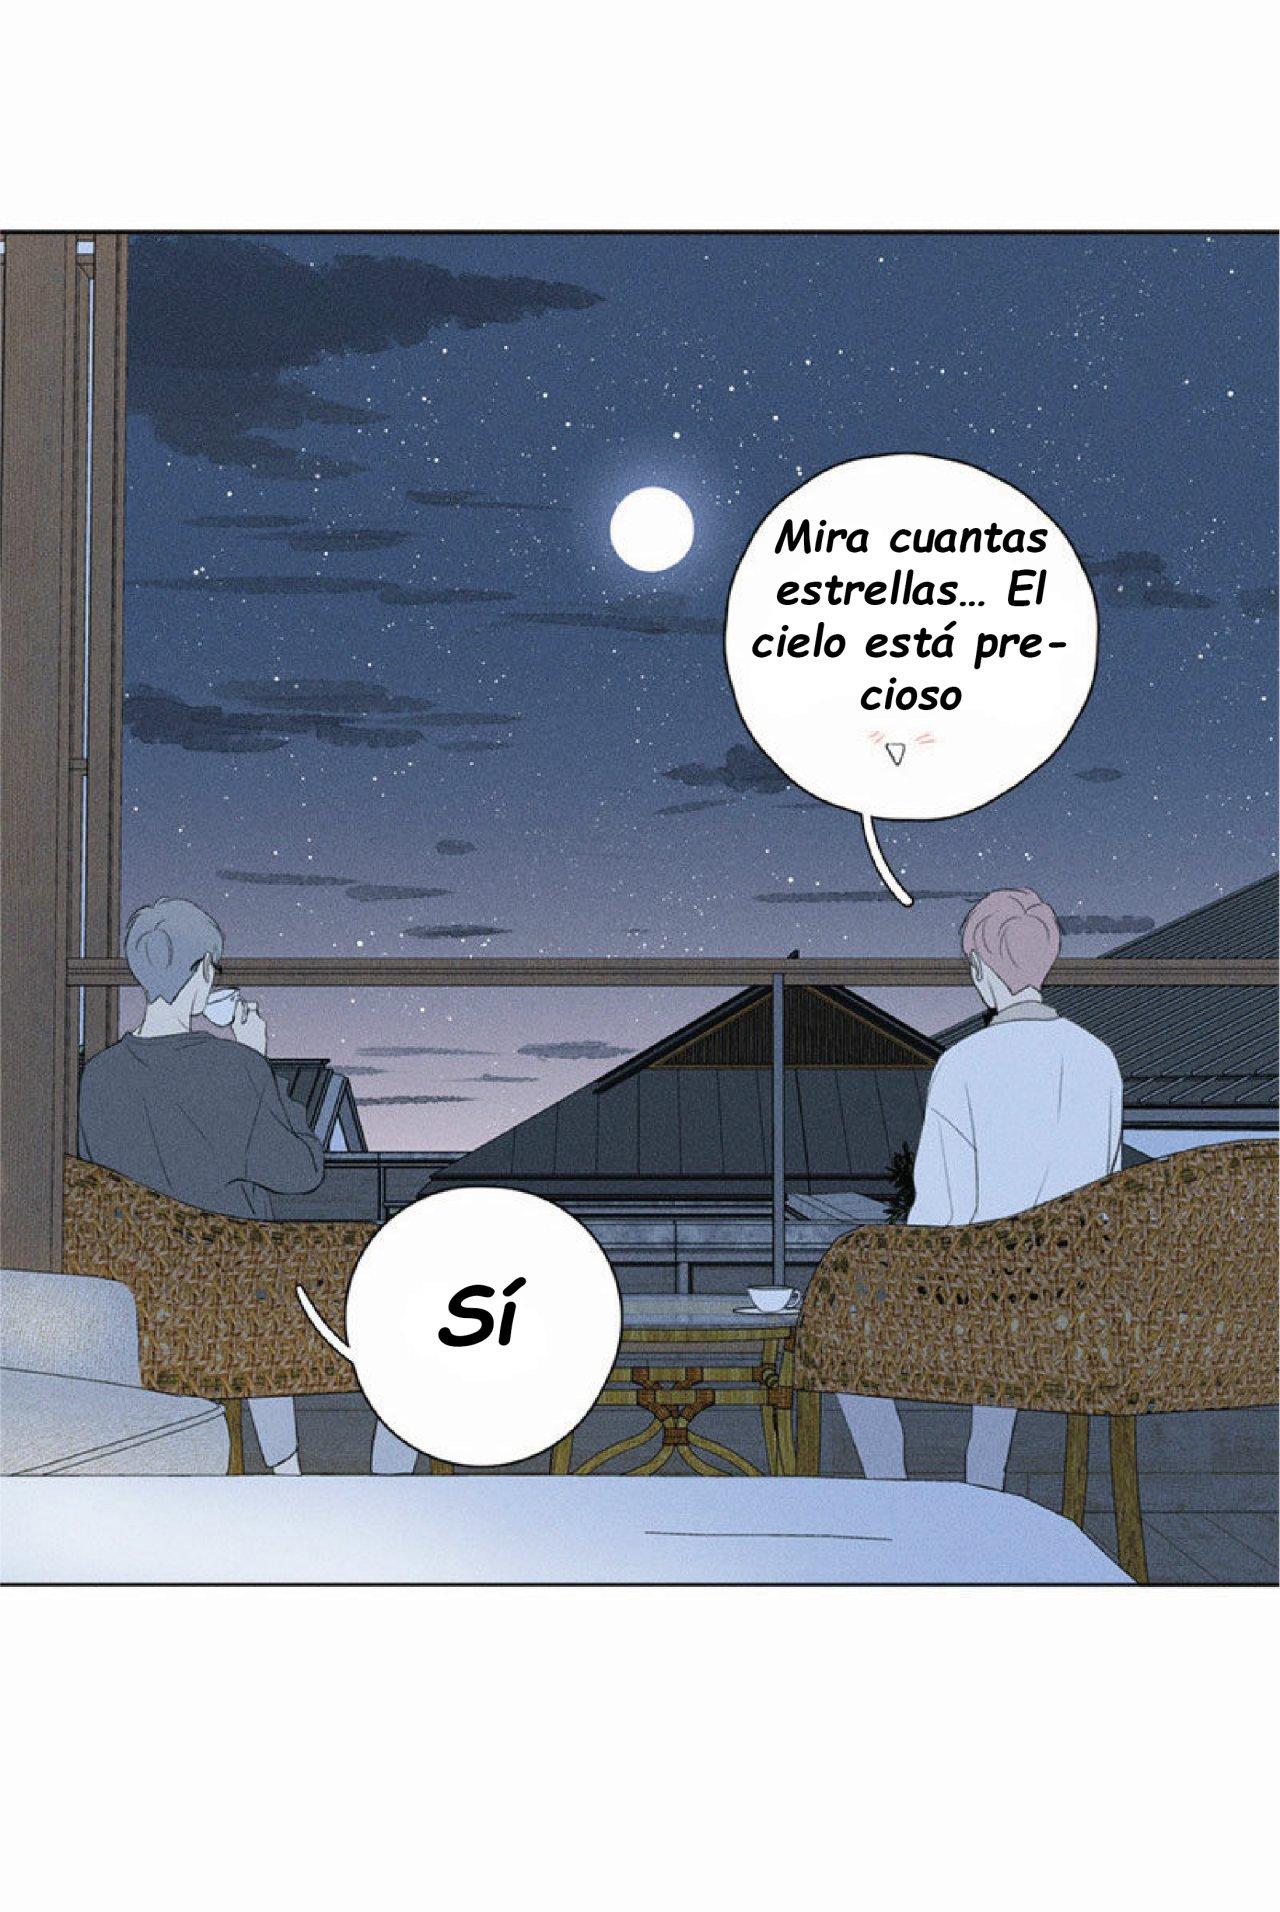 https://nine.mangadogs.com/es_manga/pic8/29/24925/957375/ae9ad522bcc7a4c068f5c3456748ae65.jpg Page 23